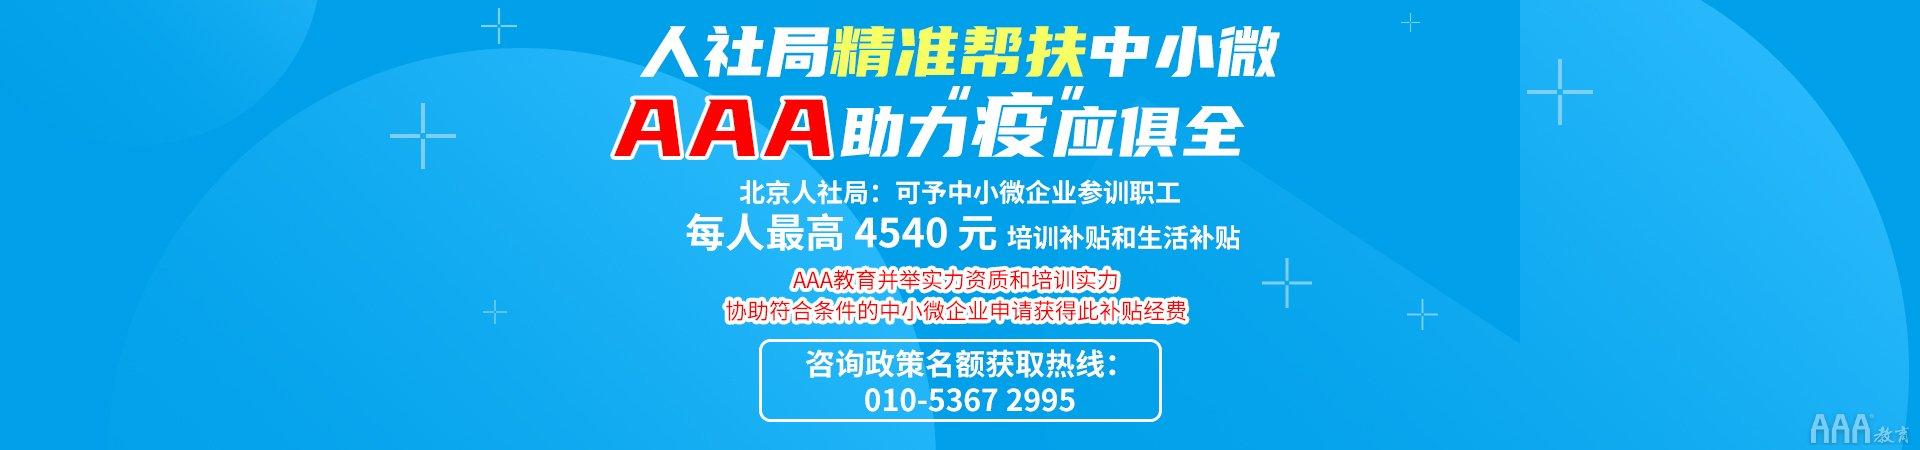 AAA教育助力企业以训稳岗培训补贴申请